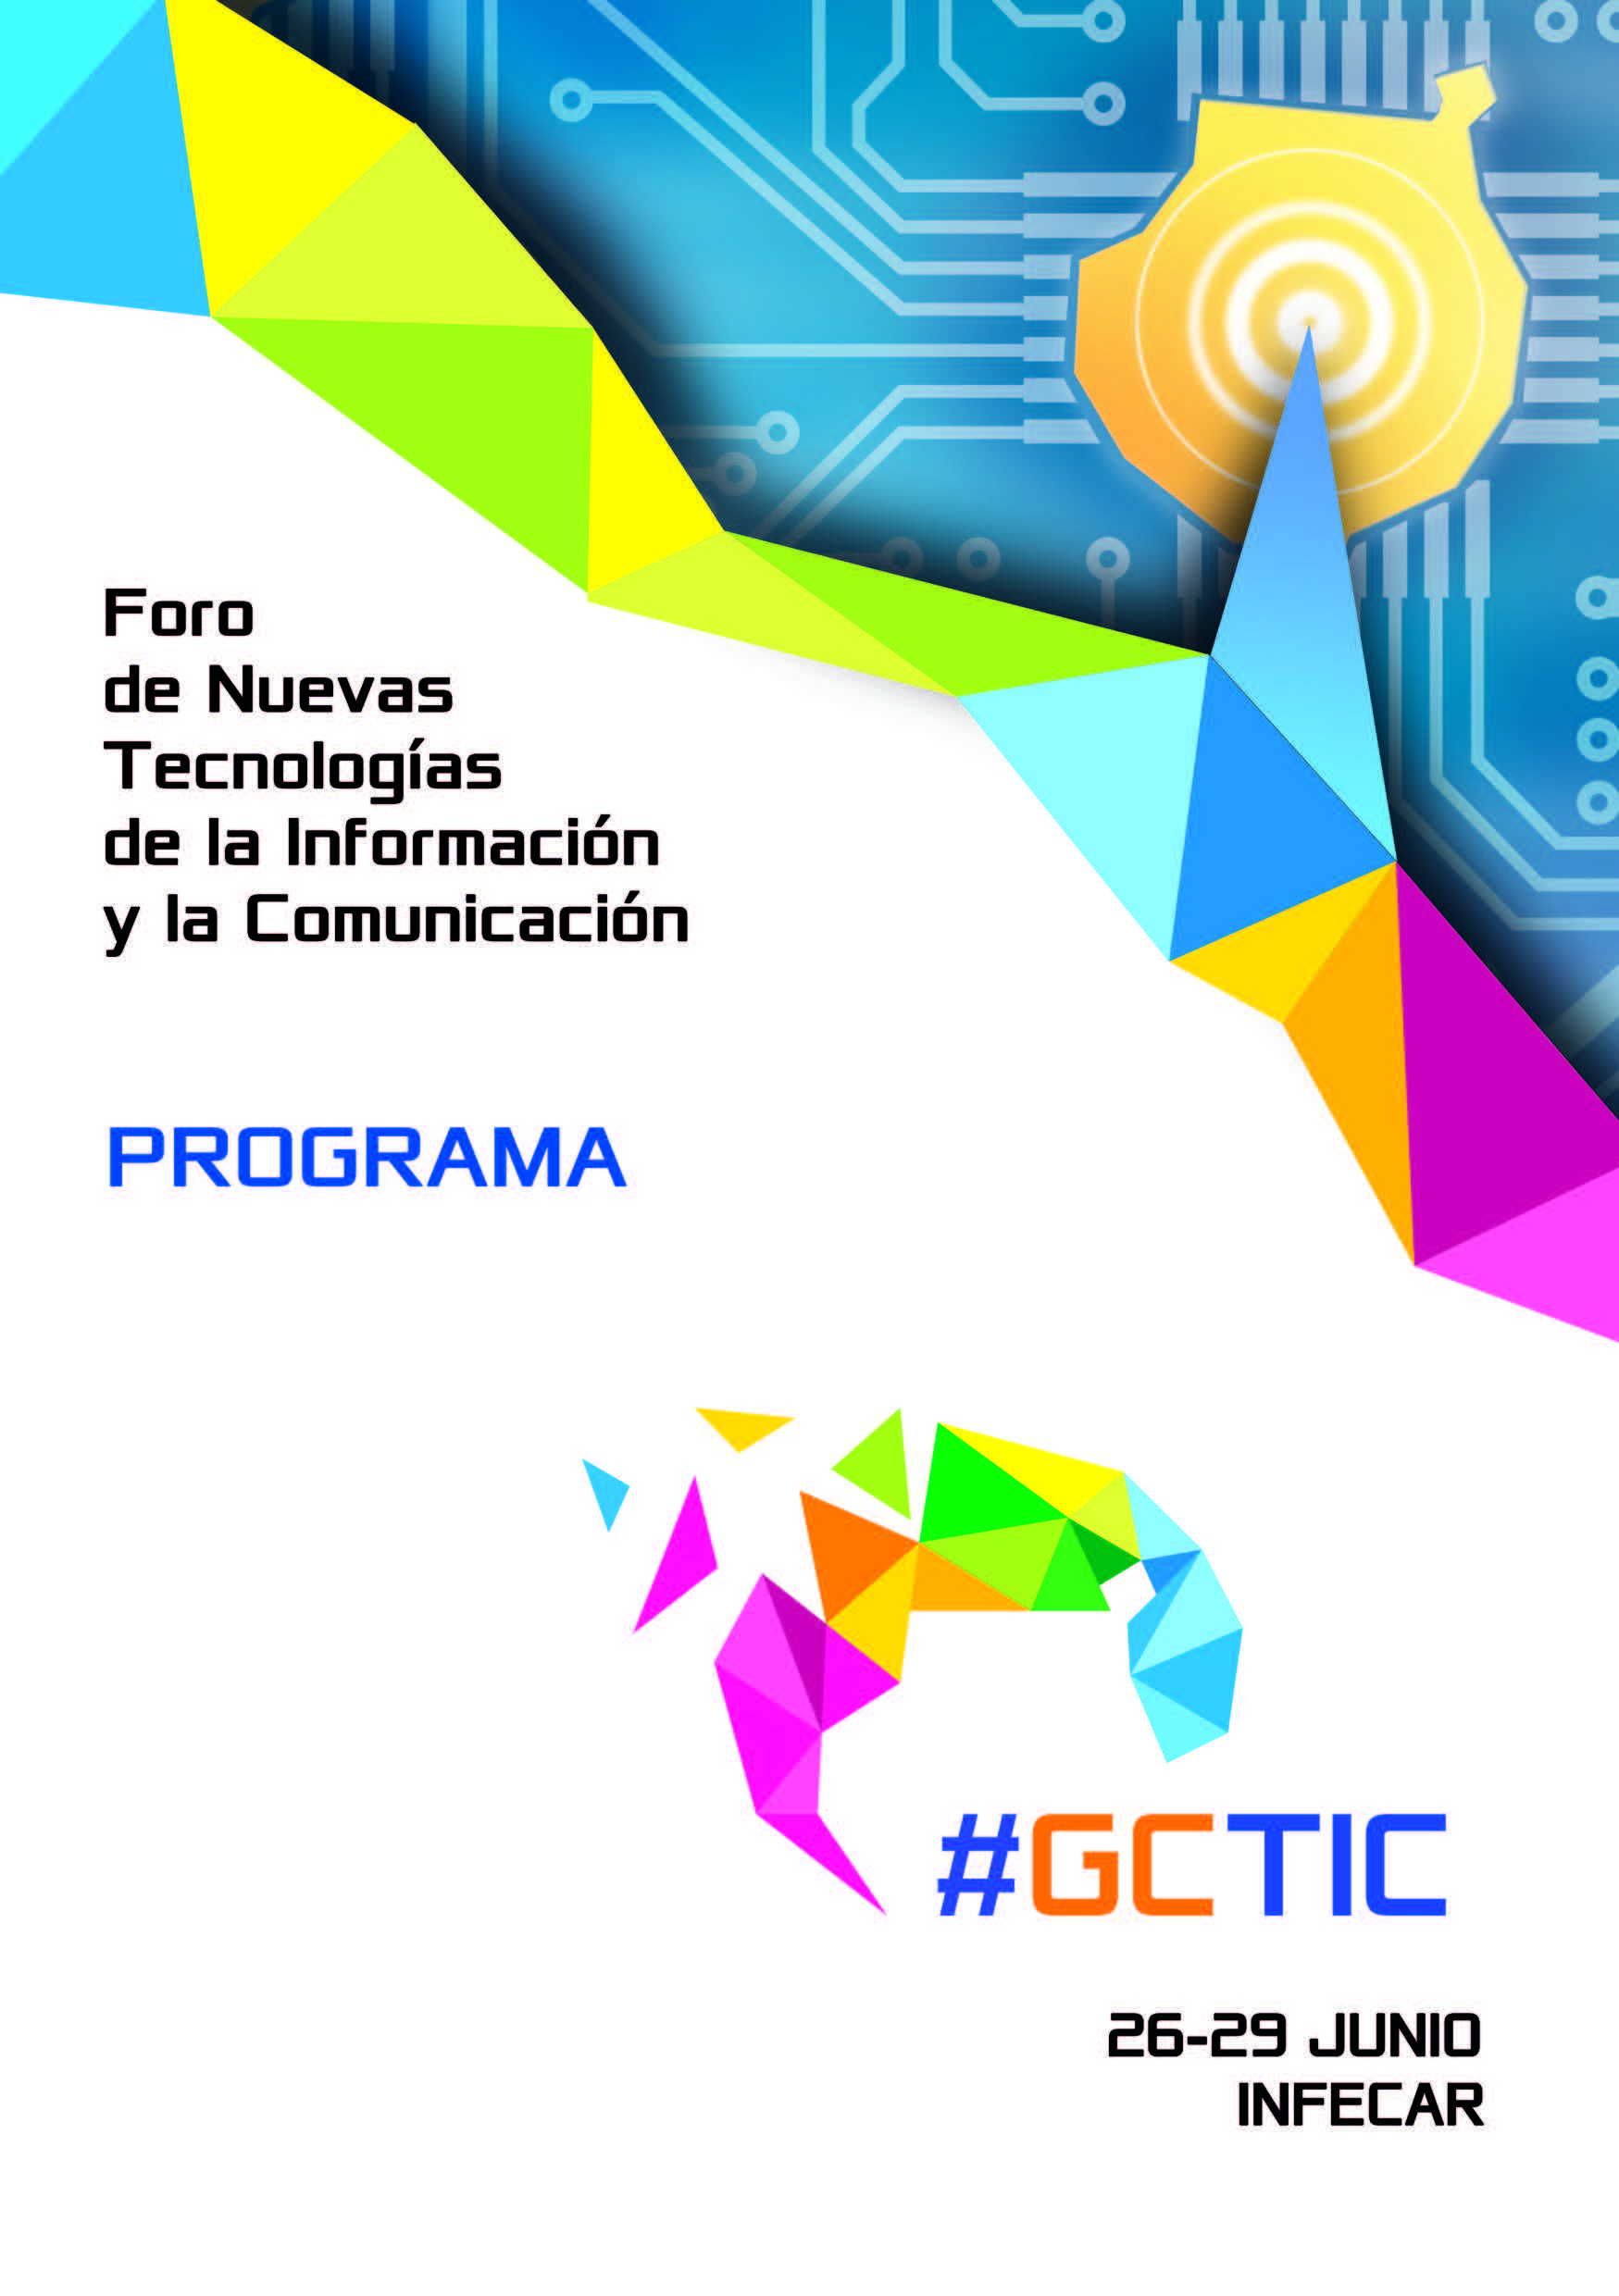 Programa Foro de Nuevas Tecnologías de la Información y la Comunicación GCTIC